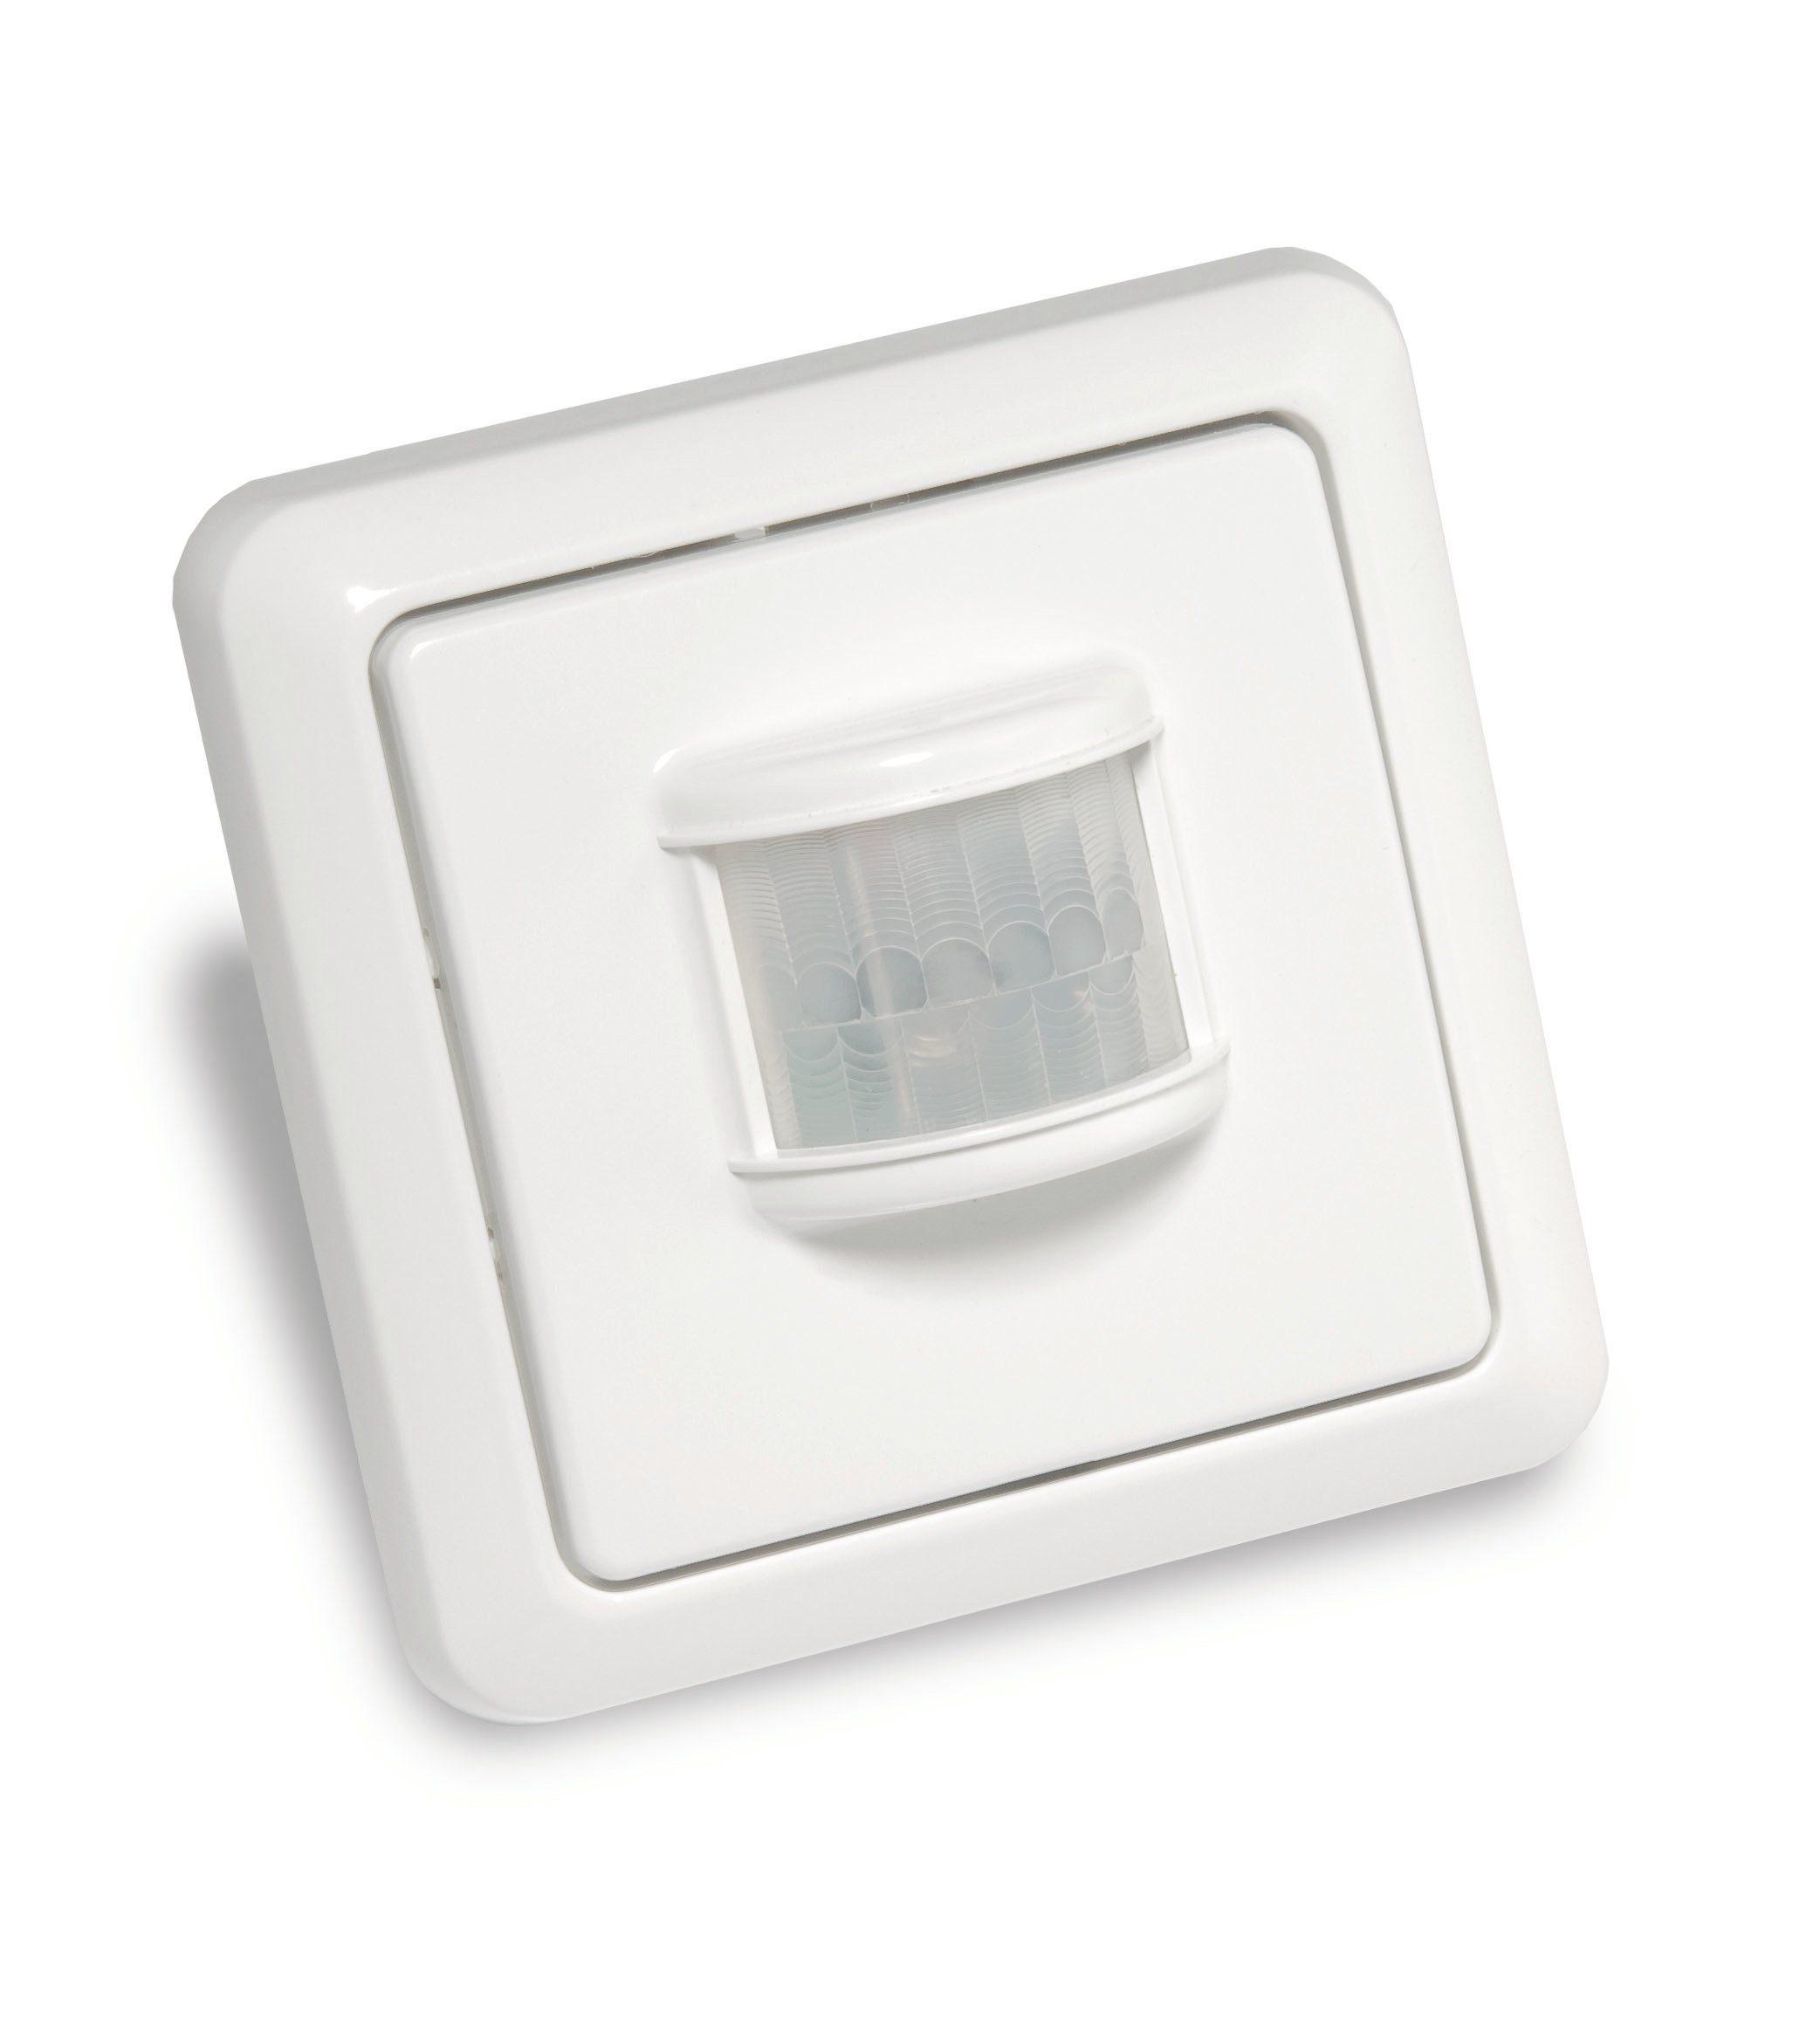 intertechno - Smart Home - Sicherheit & Komfort »PIR-1000 Funk-Bewegungsmelder«